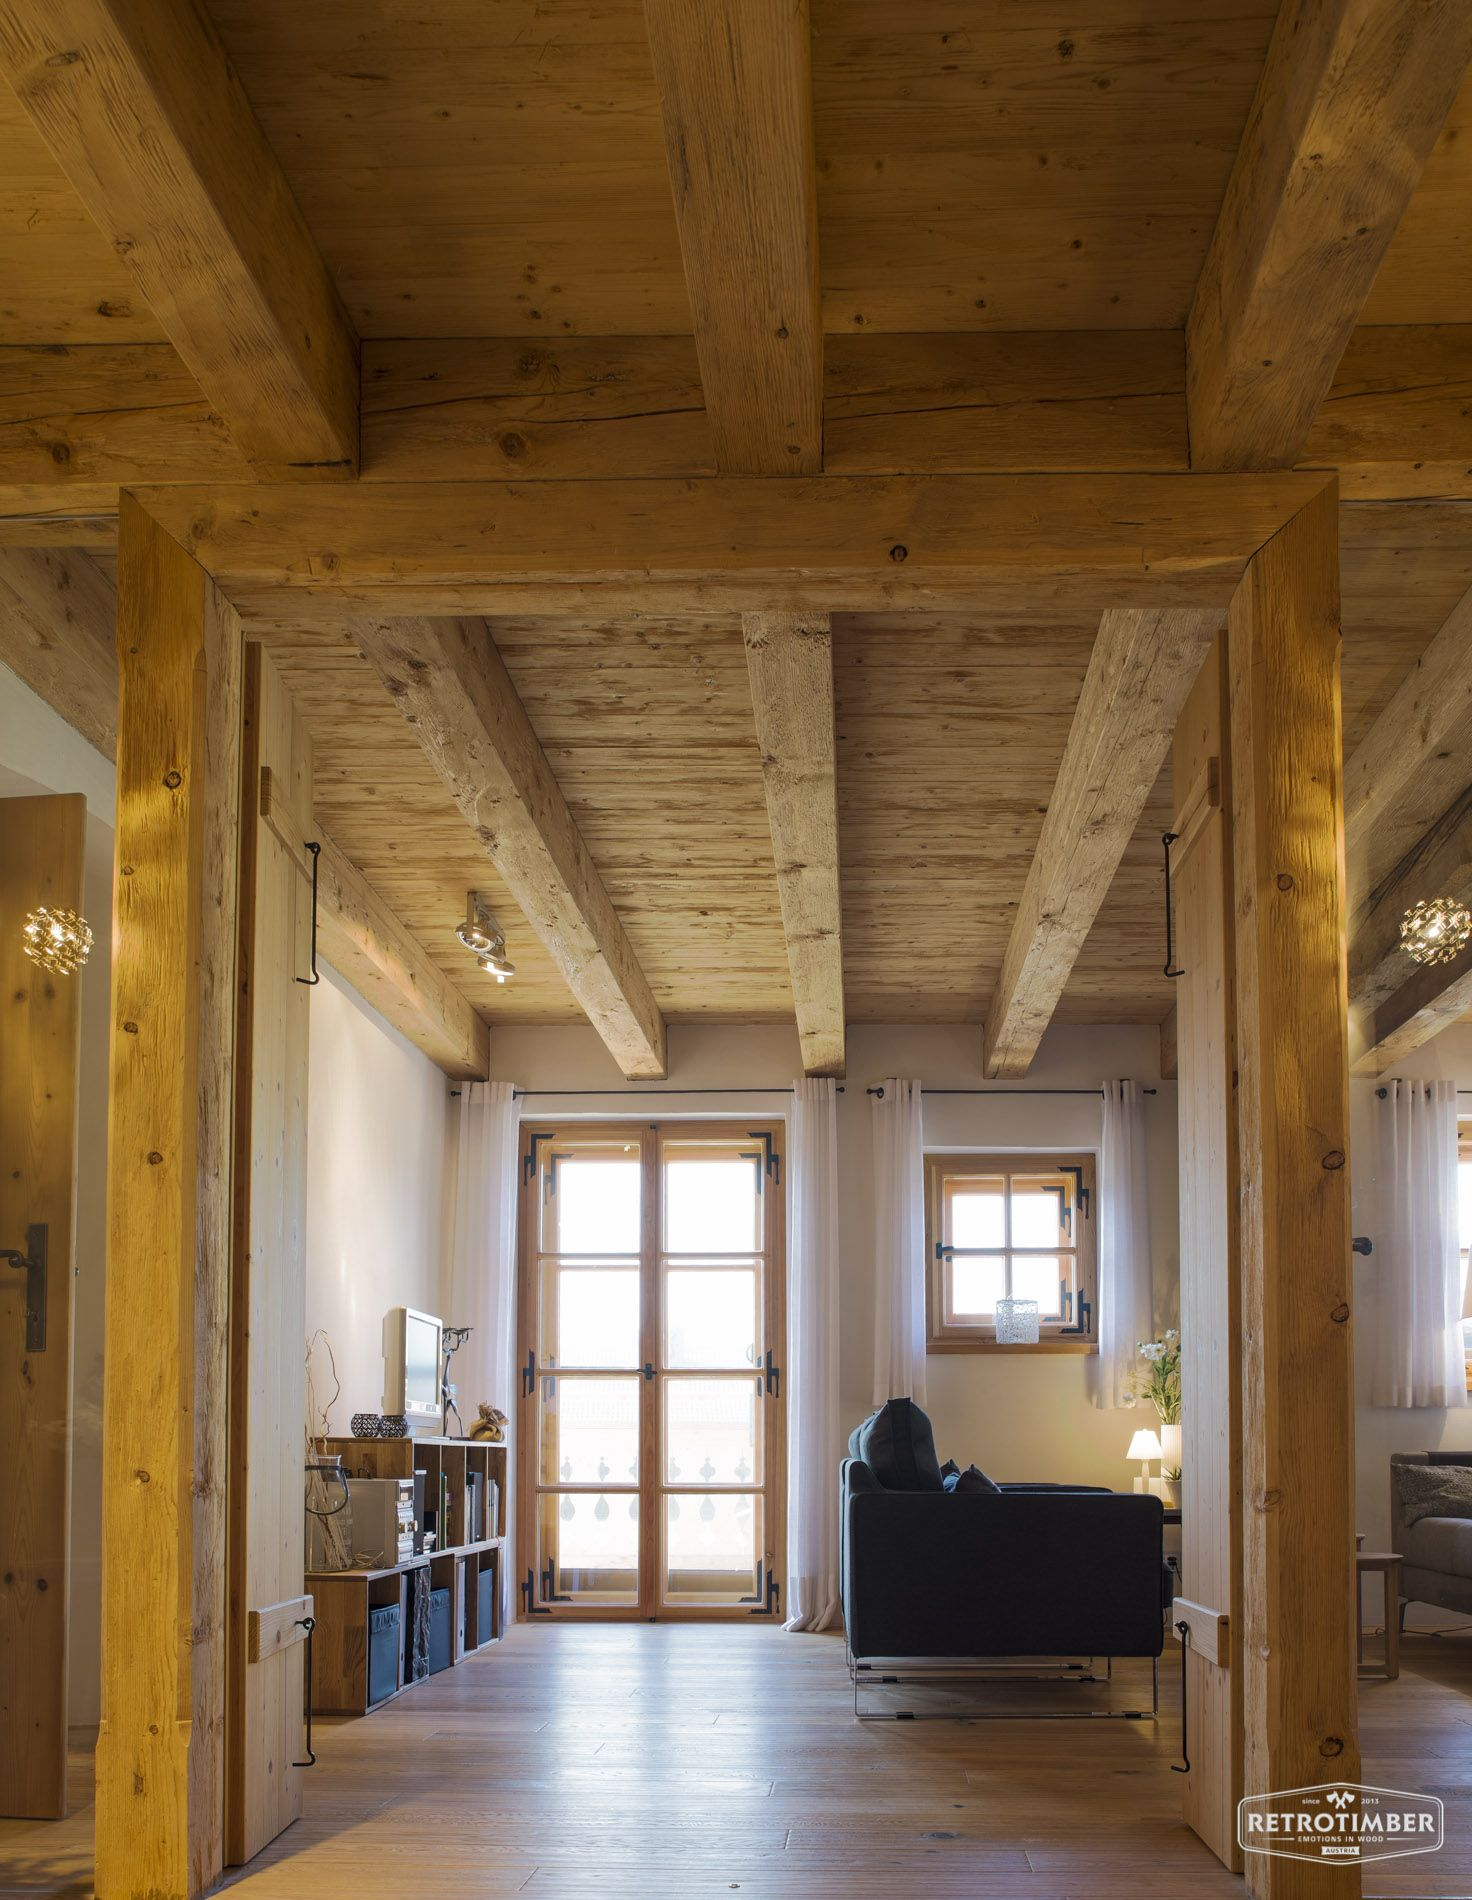 Retrotimber  Altholz Balken Hausbau Bau Fichte Lrche Landhausstil Wohnzimmer Ideen